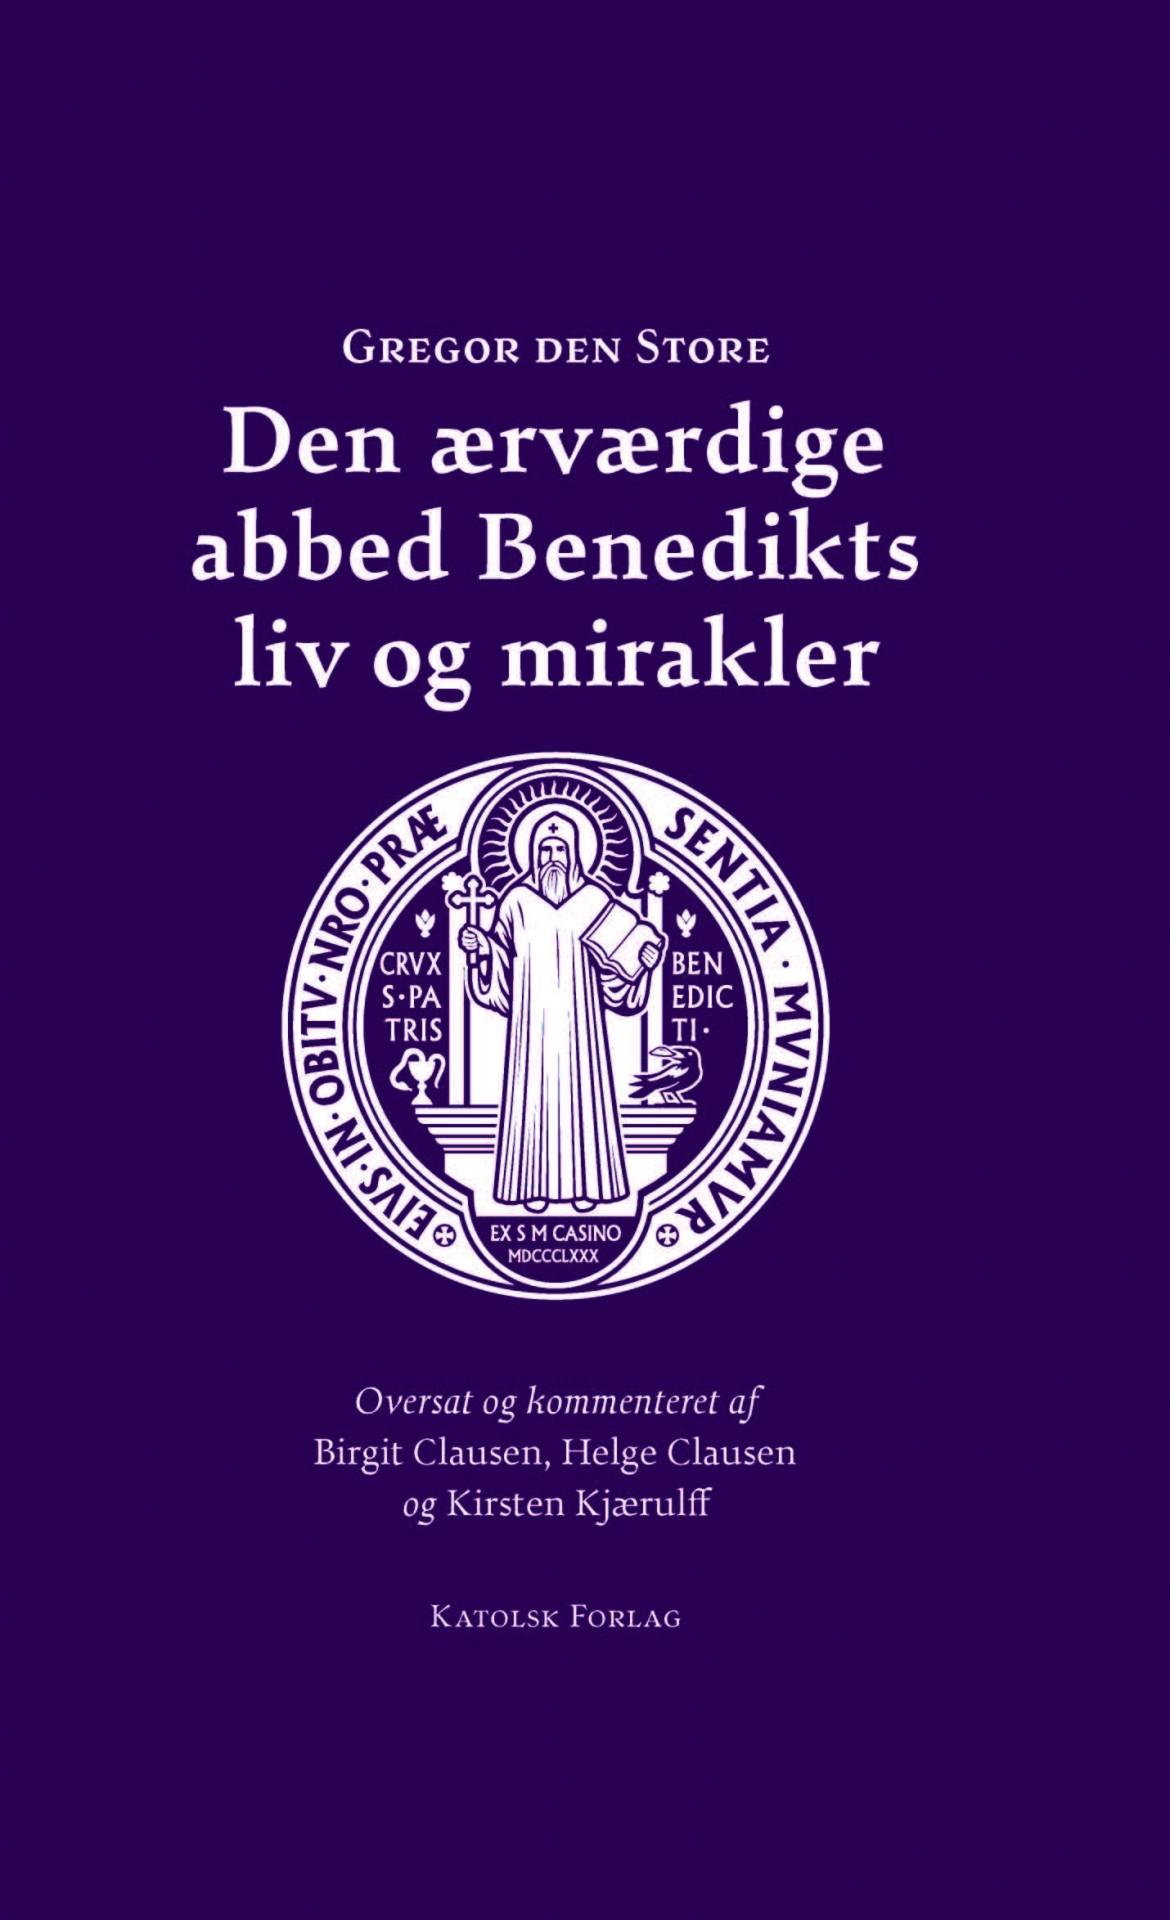 Gregor den Store: Den ærværdige abbed Benedikts liv og mirakler